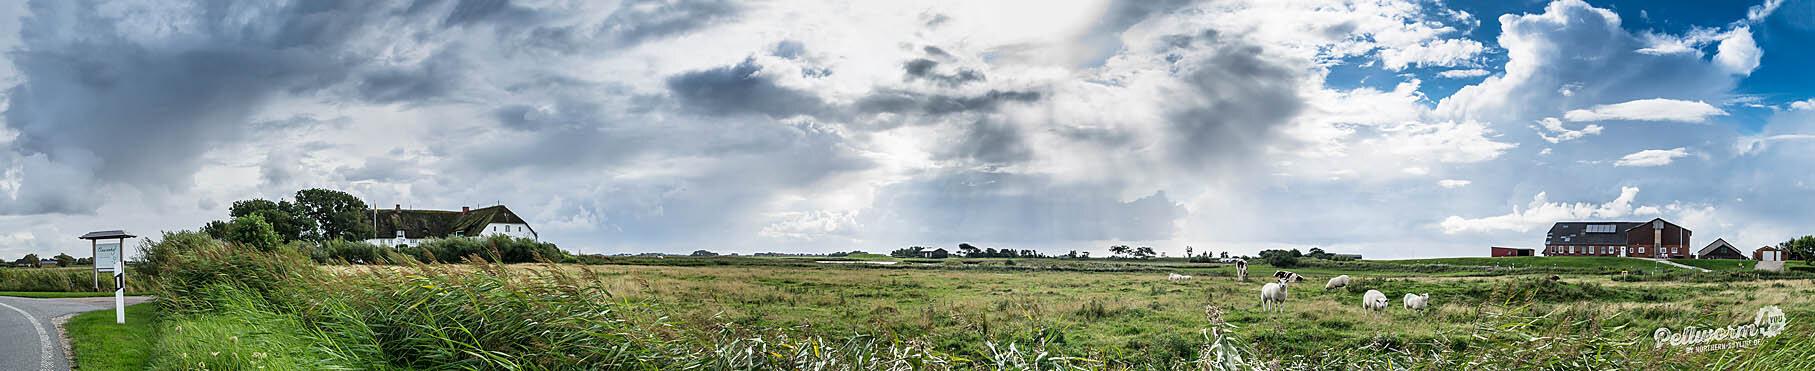 Pellworm im Panoramaformat mit dem Clausenhof unter einem dramatischen Himmel